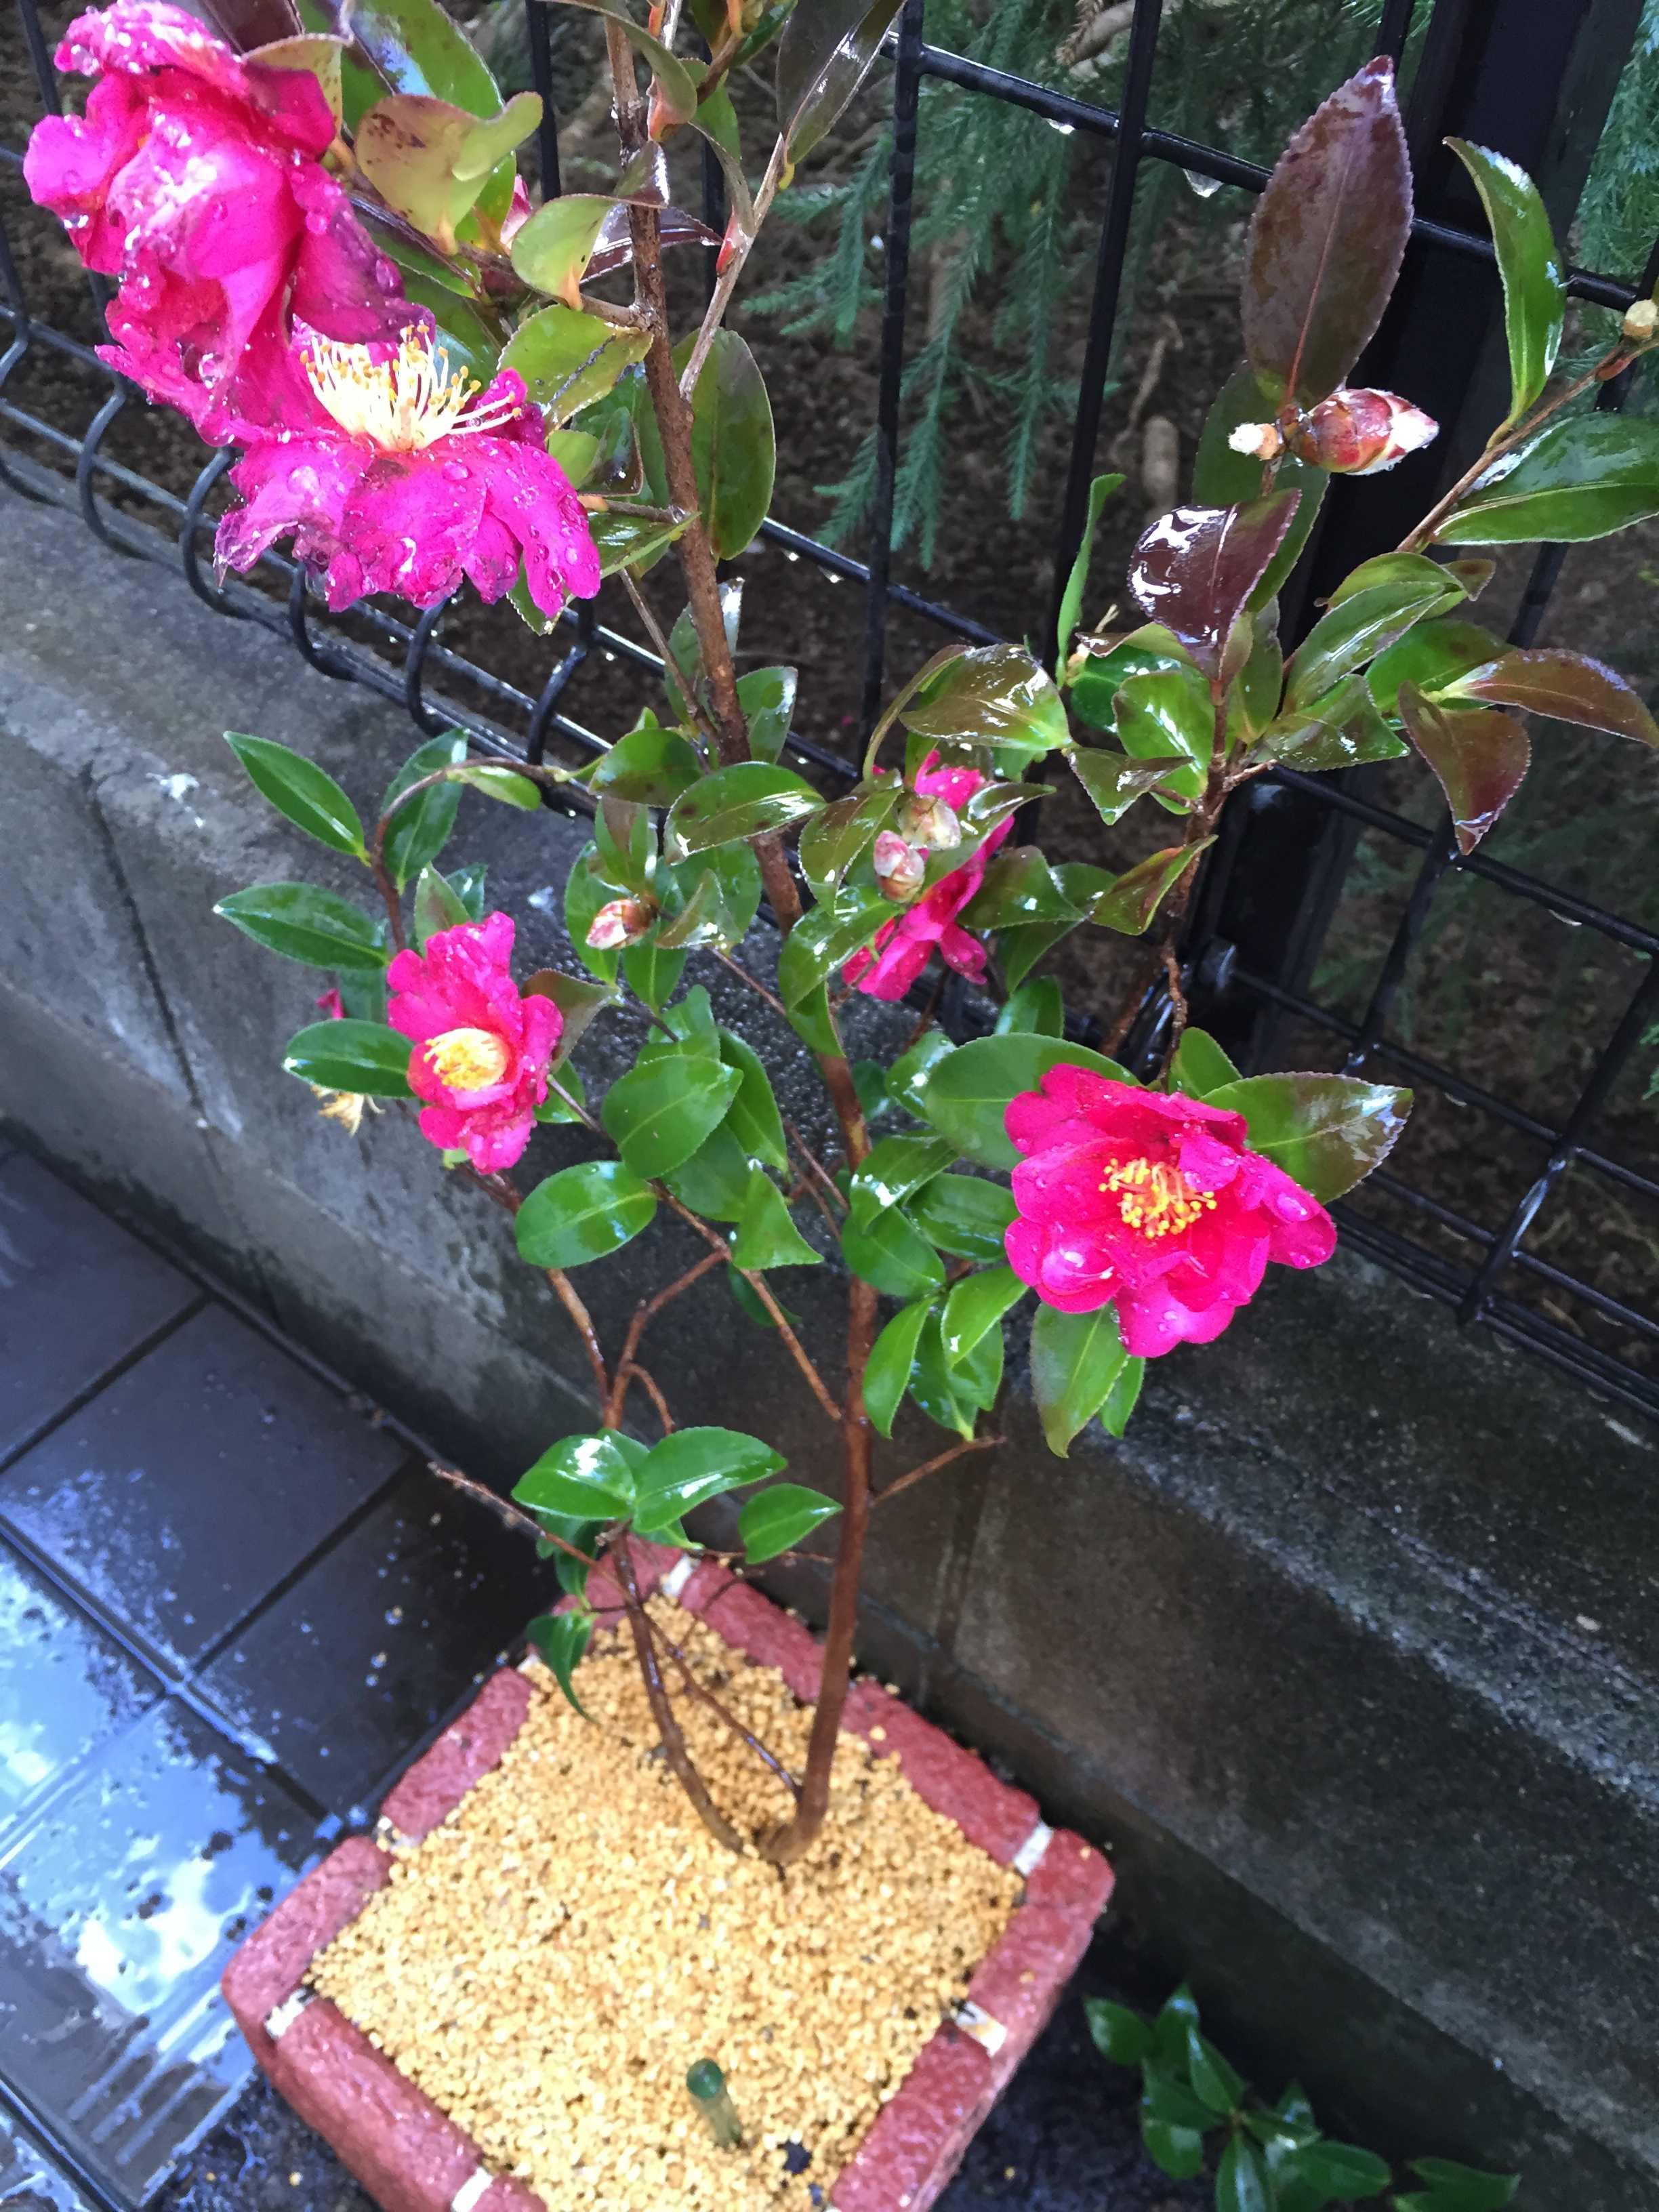 ショッキングピンク色のサザンカ(タチカン/立寒椿)の勘次郎